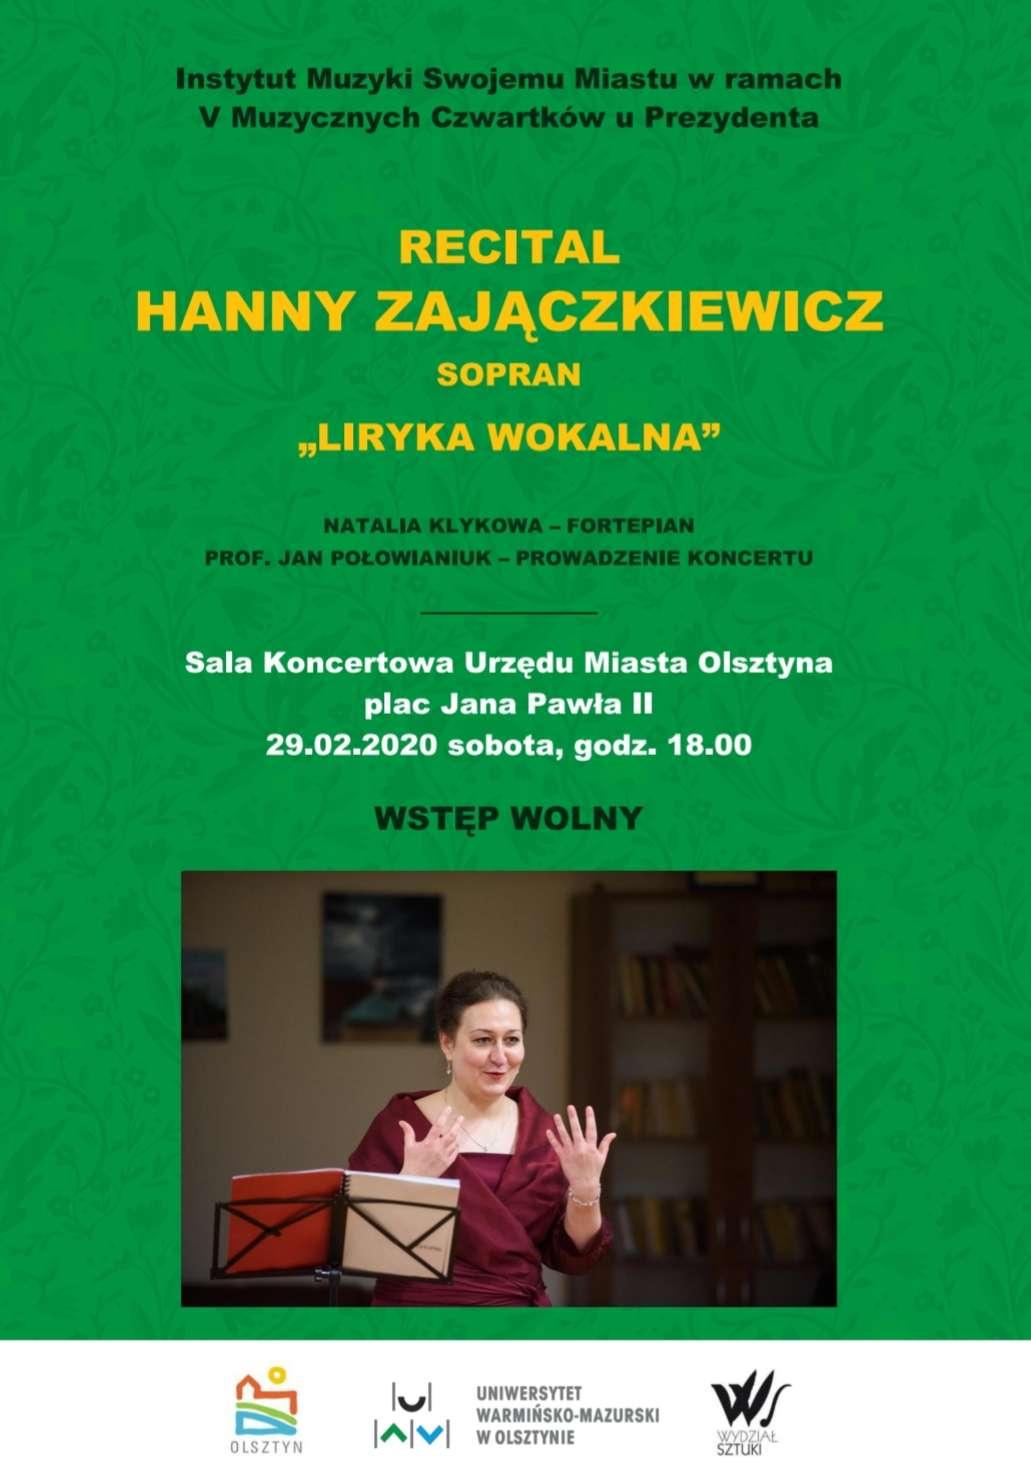 Hanna Zajączkiewicz zaprasza na koncert 29 lutego - full image